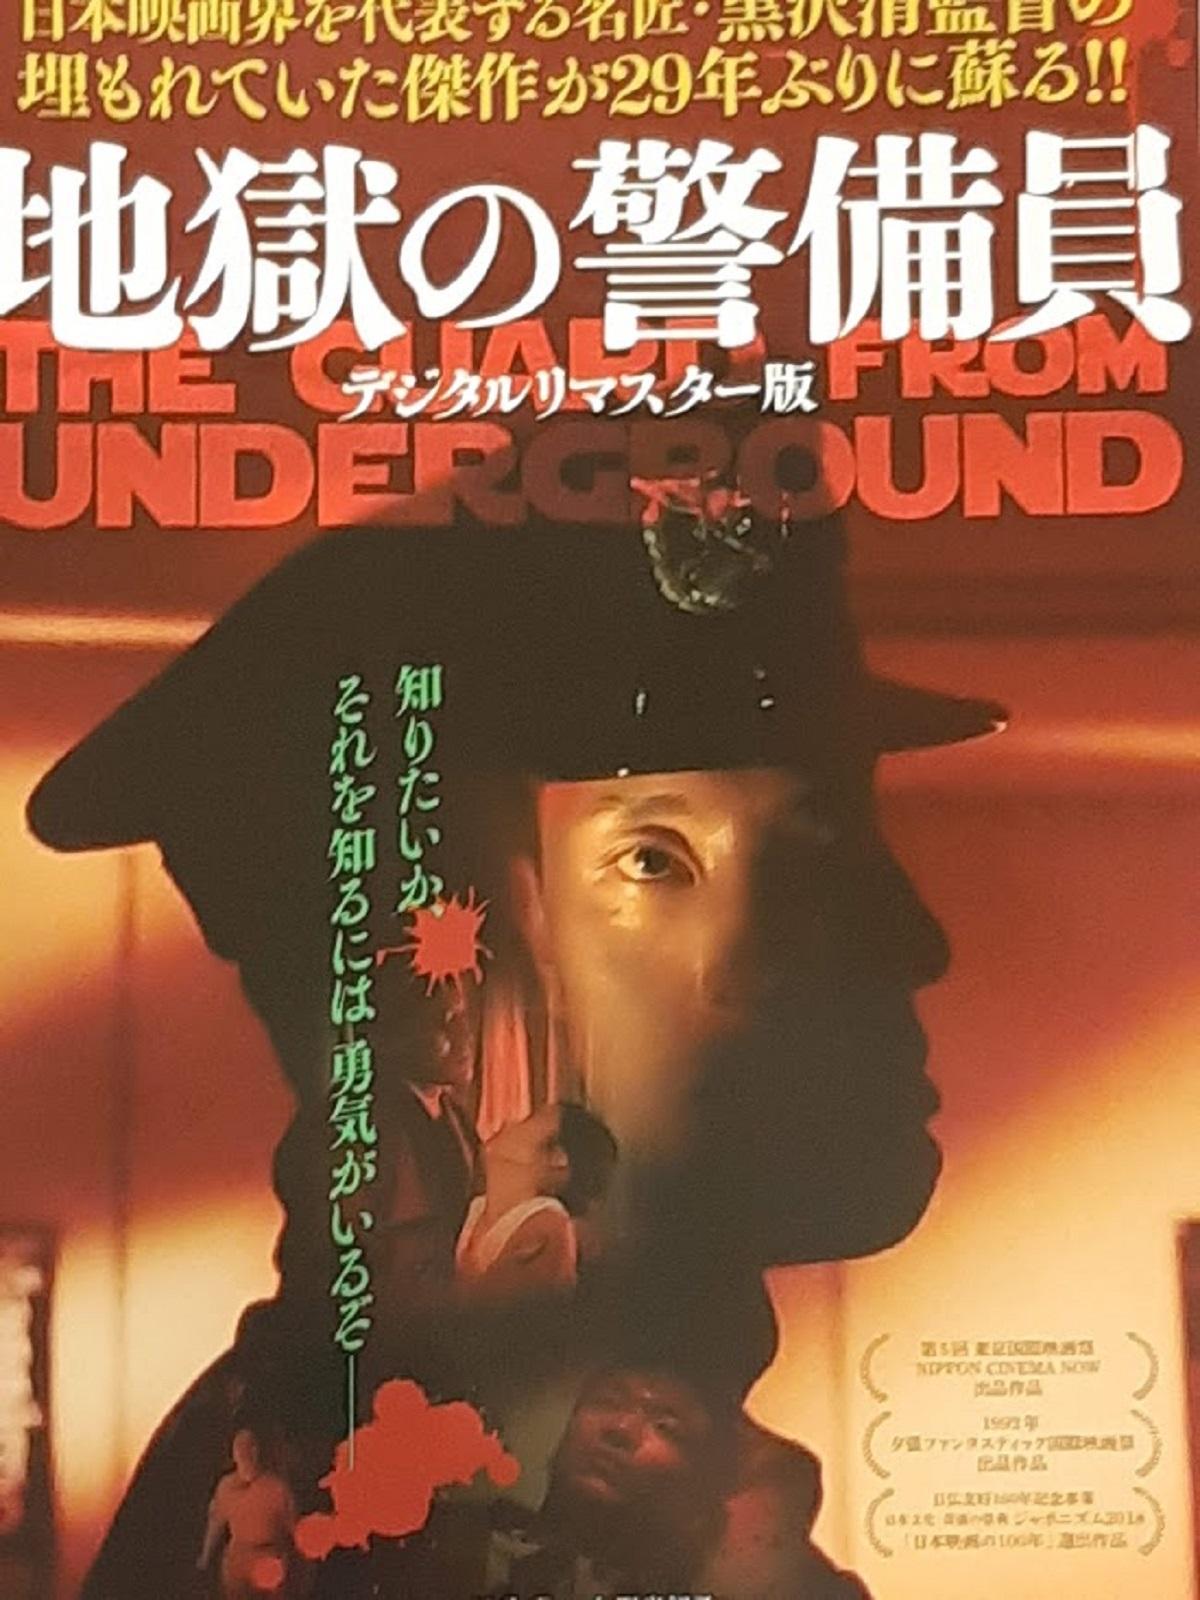 映画『地獄の警備員』のポスター